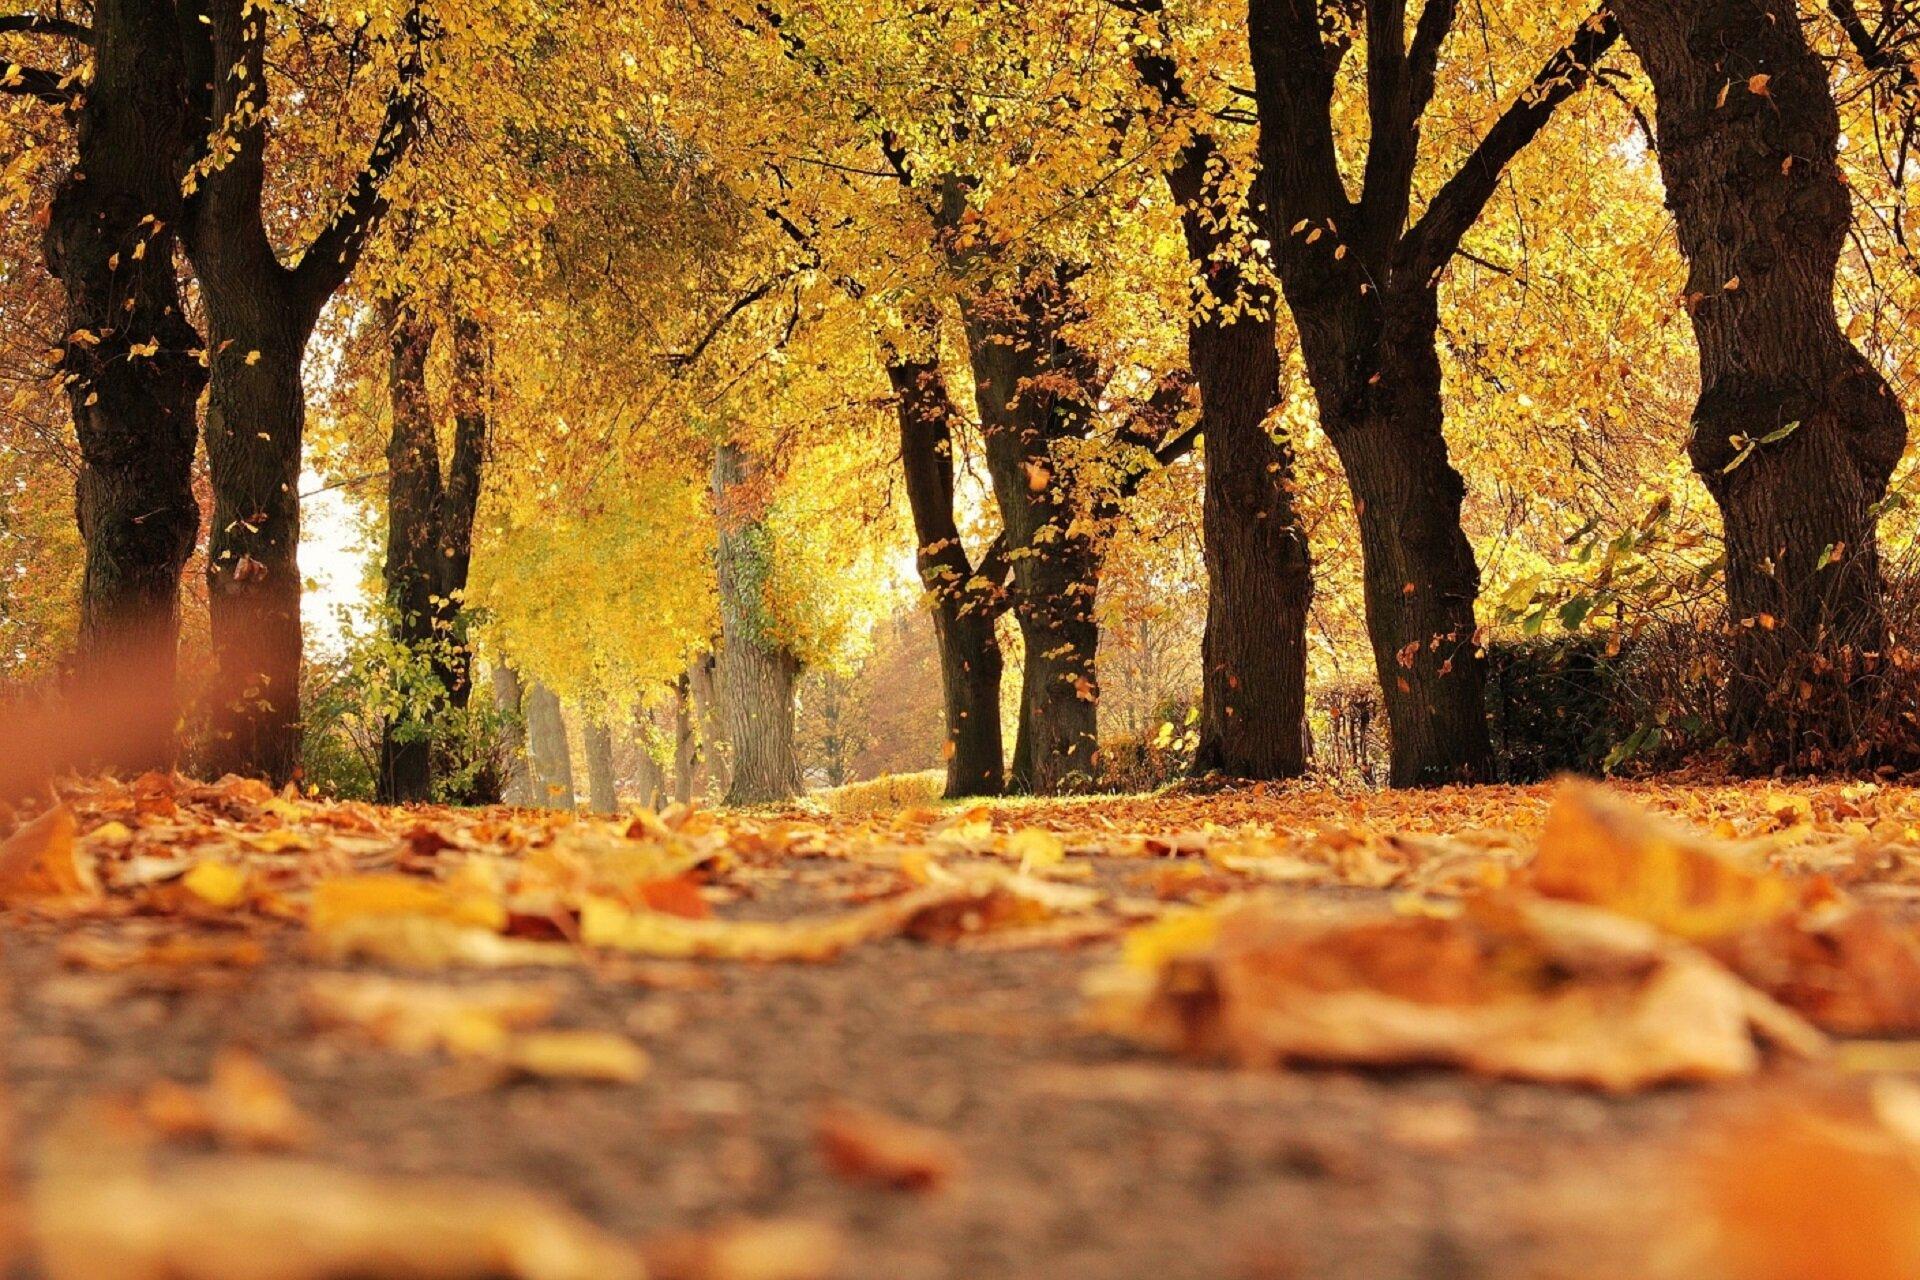 Ilustracja przedstawia fragment parku jesienią. Widoczne są liczne drzewa oraz alejka. Na ścieżce znajdują się pomarańczowe liście, które opadły zdrzew.